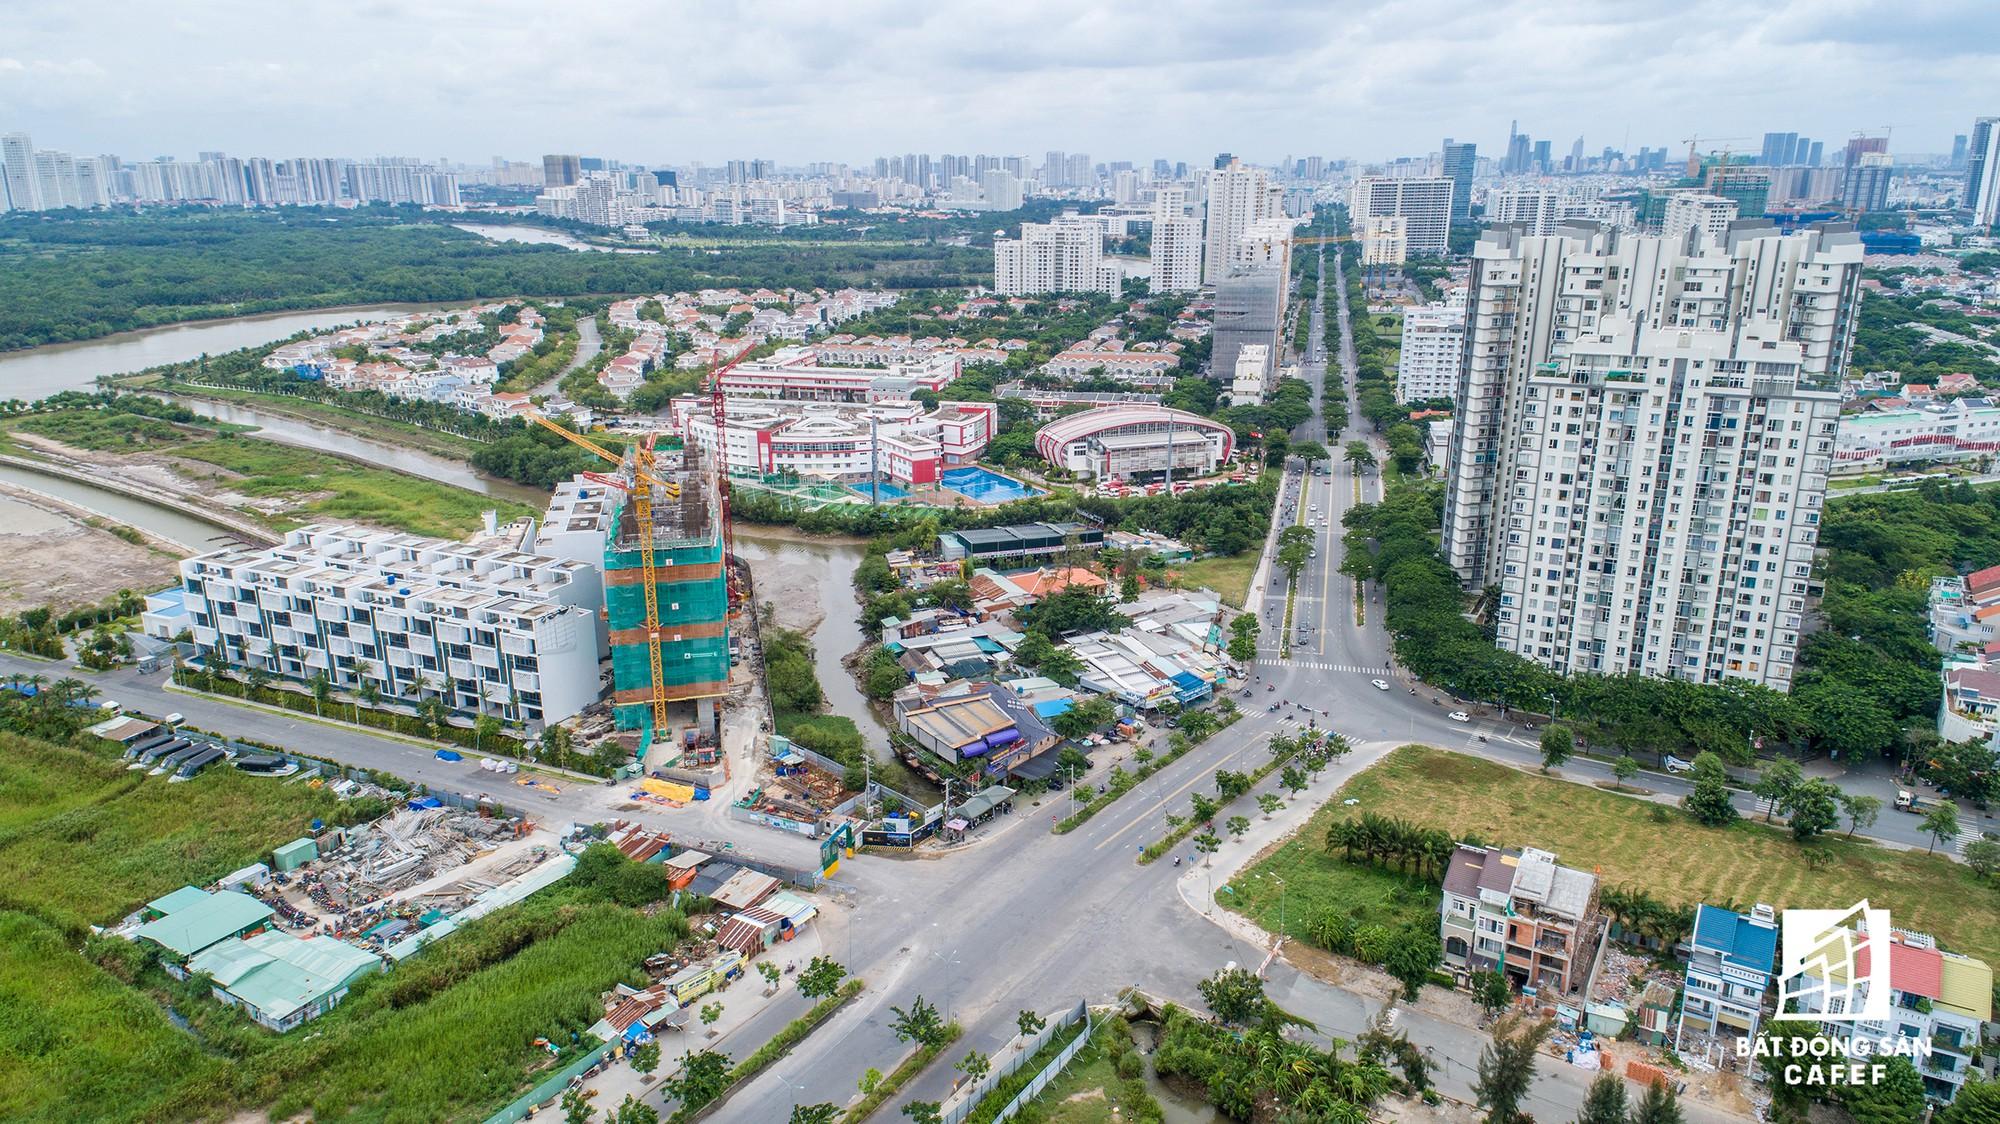 Có một trung tâm tài chính tại khu Nam Sài Gòn - Nơi giá nhà tăng chóng mặt - Ảnh 25.